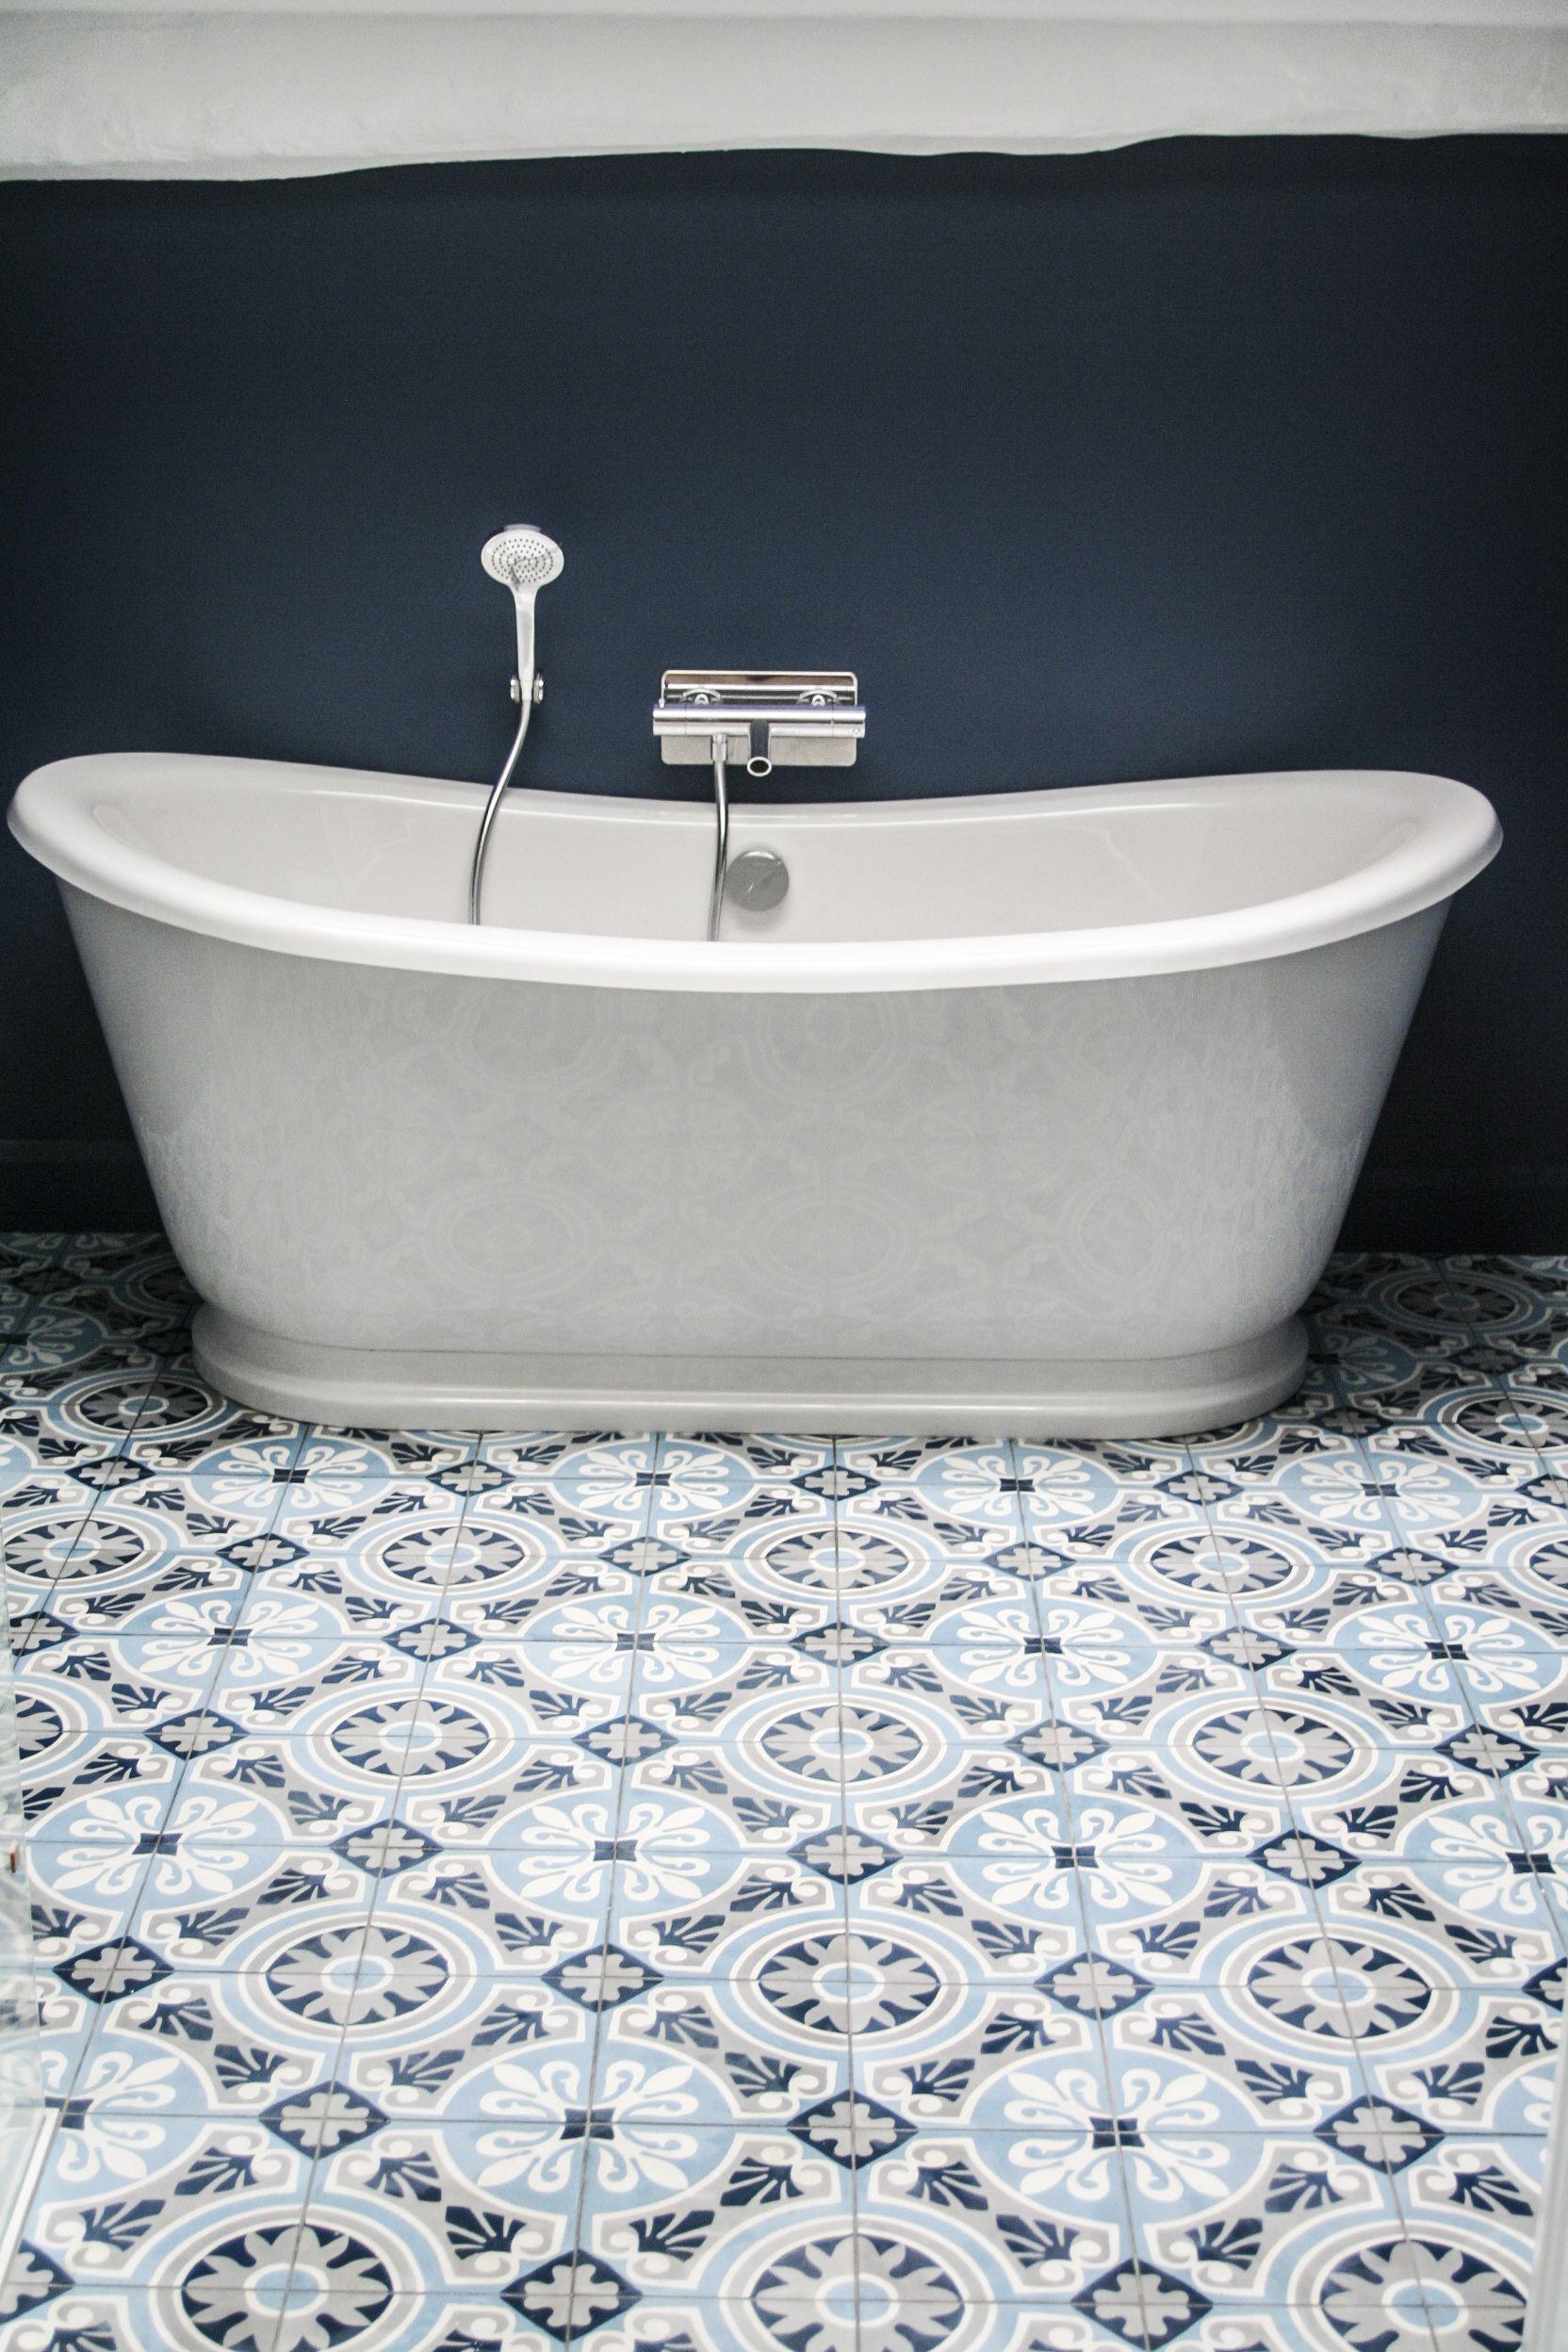 zementfliese von couleurs mari res dekor cercle 20x20 1 5 cm cementtiles by southern. Black Bedroom Furniture Sets. Home Design Ideas